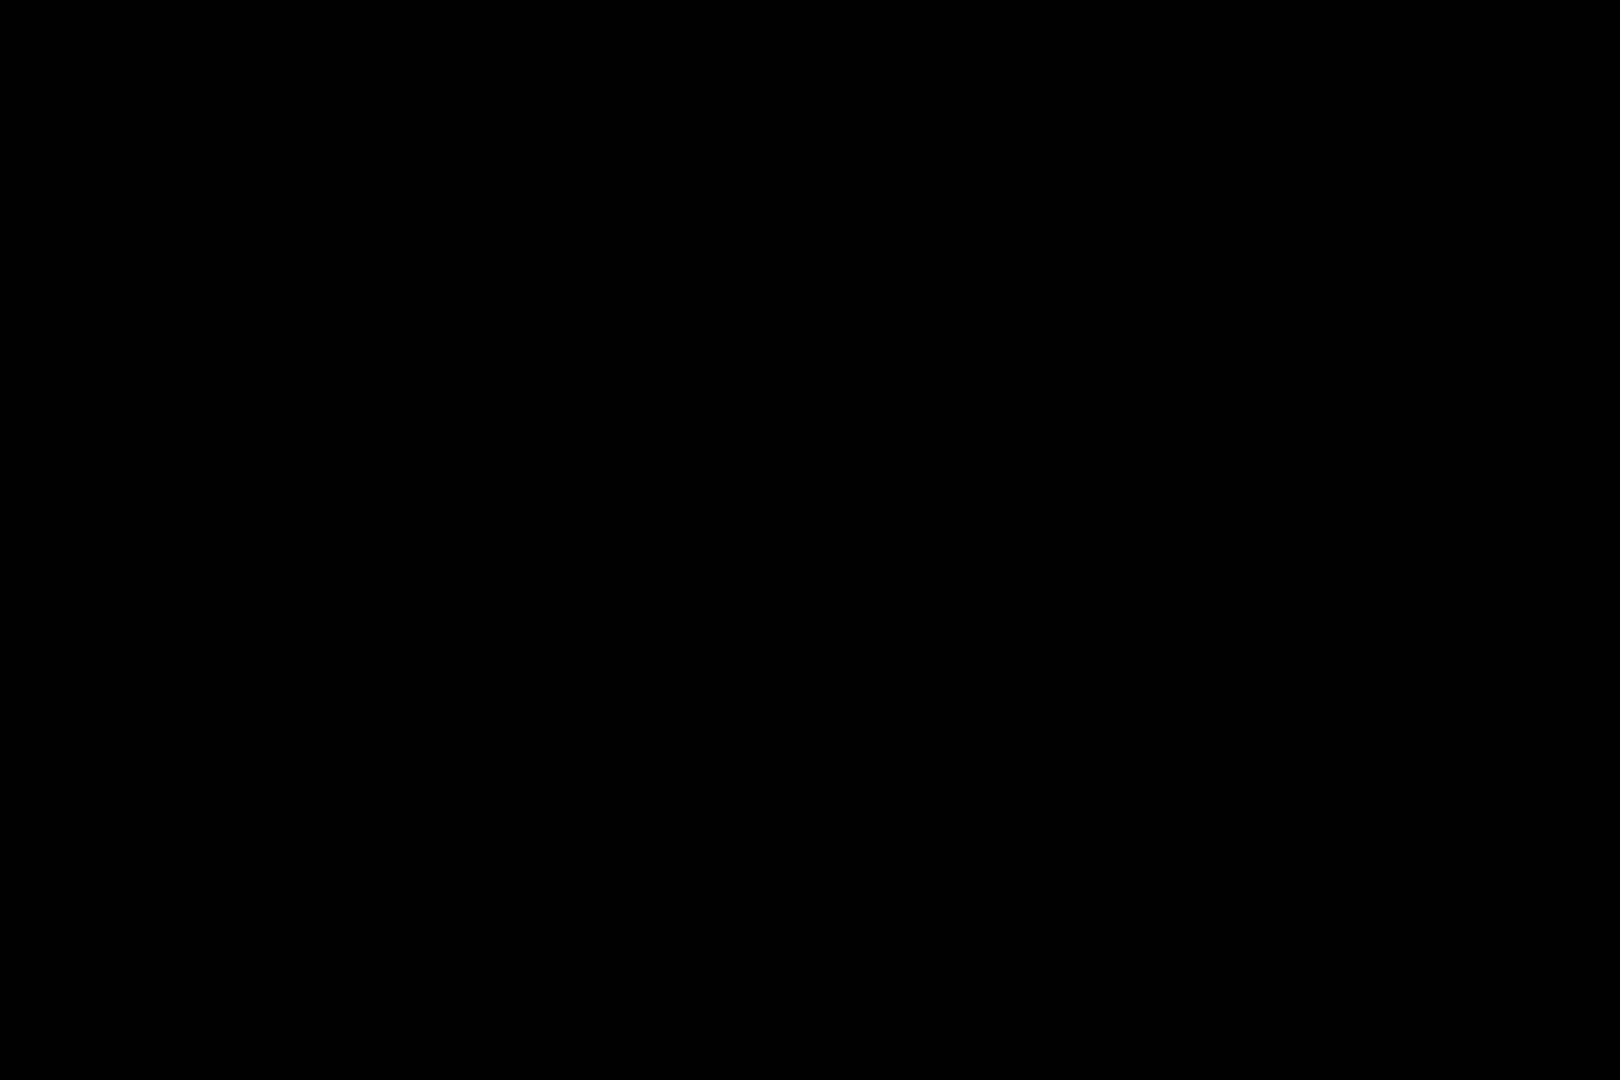 充血監督の深夜の運動会Vol.199 おまんこ娘 オメコ無修正動画無料 32連発 23